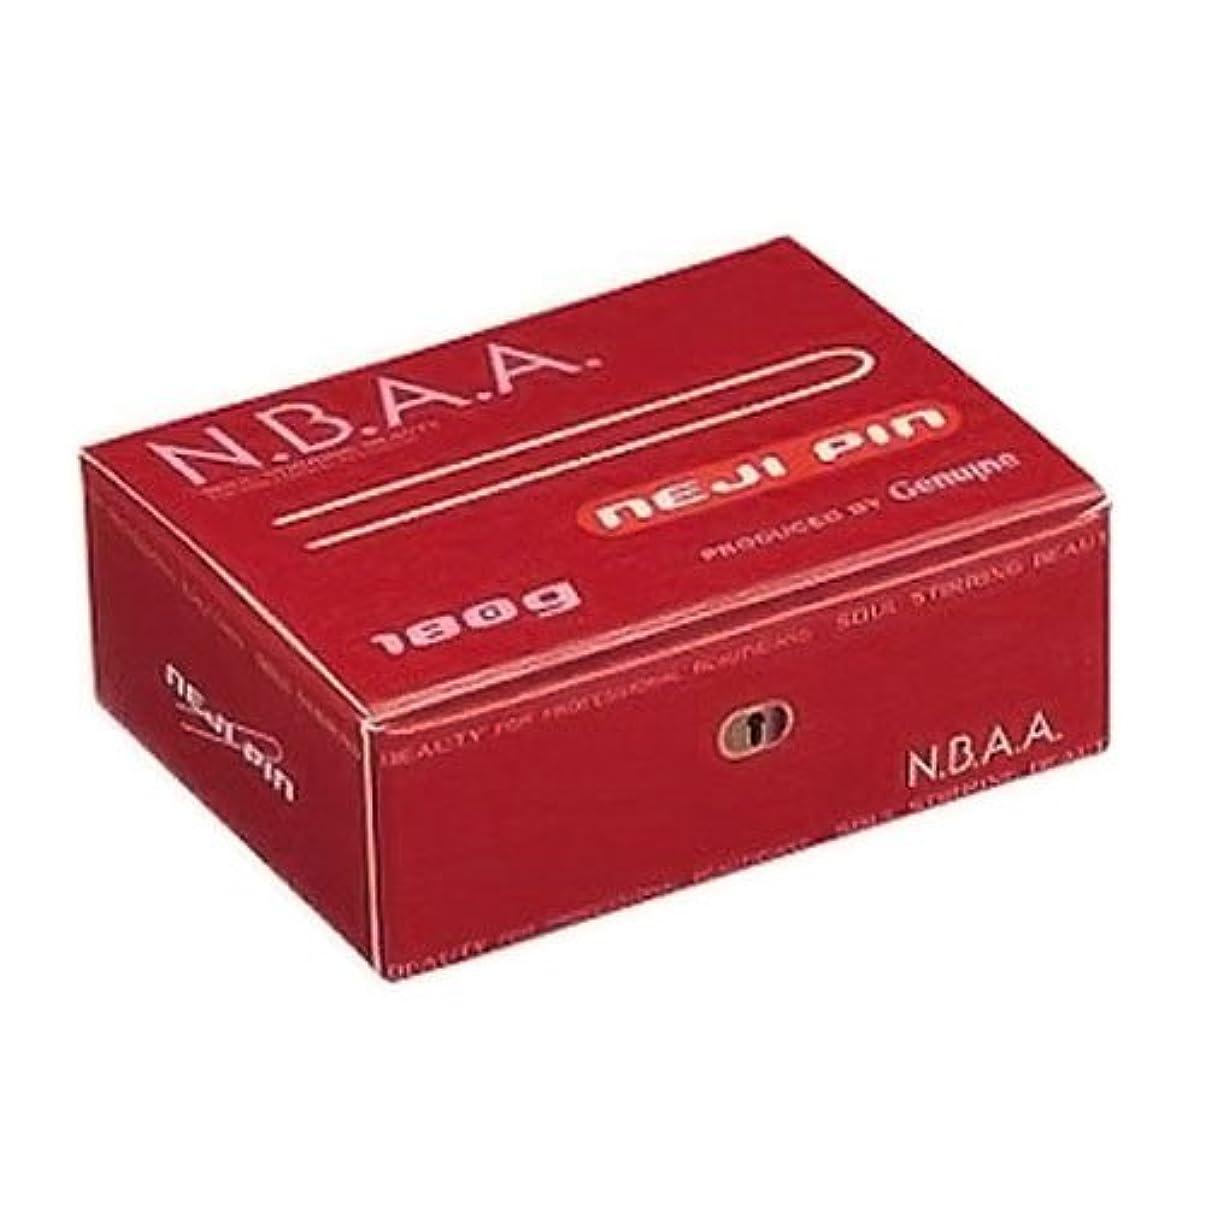 比類なきデザイナー分割NBAA ネジピン ブラウン 180g